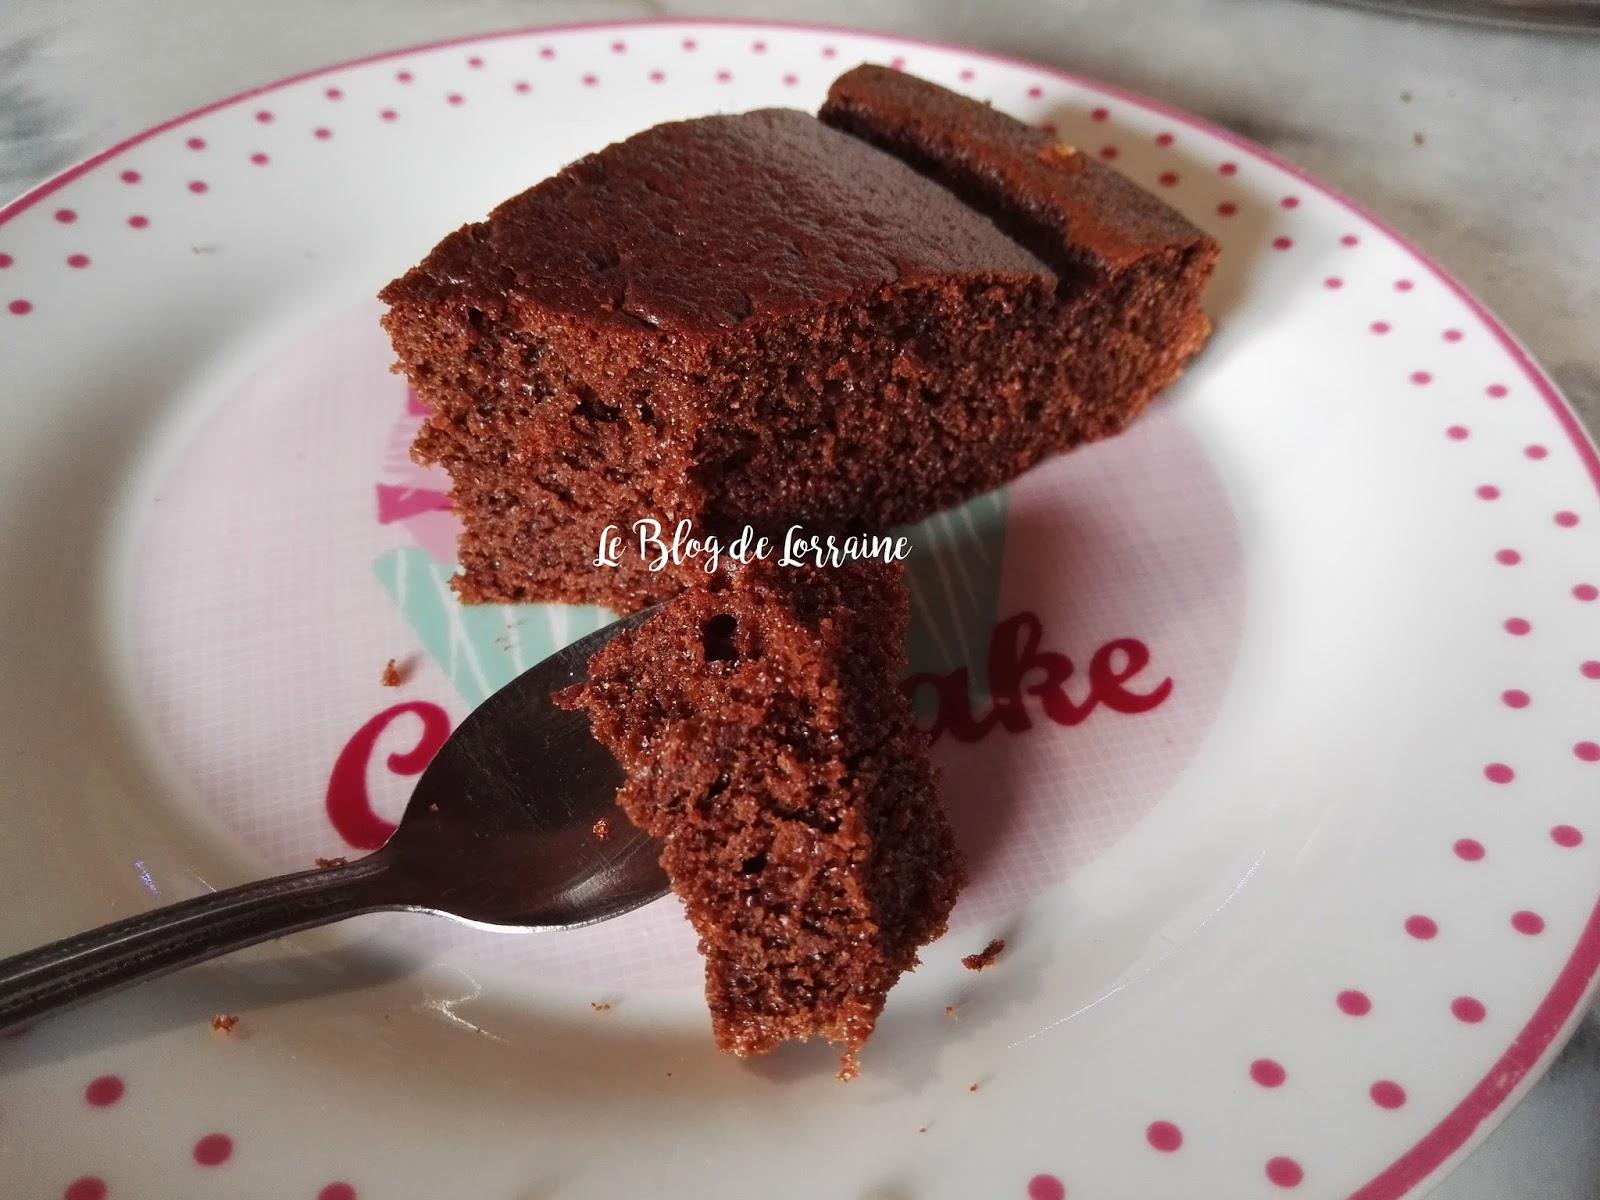 Le blog de lorraine g teau au chocolat healthy sans beurre et sans gluten sans gluten youtube - Gateau au chocolat healthy ...